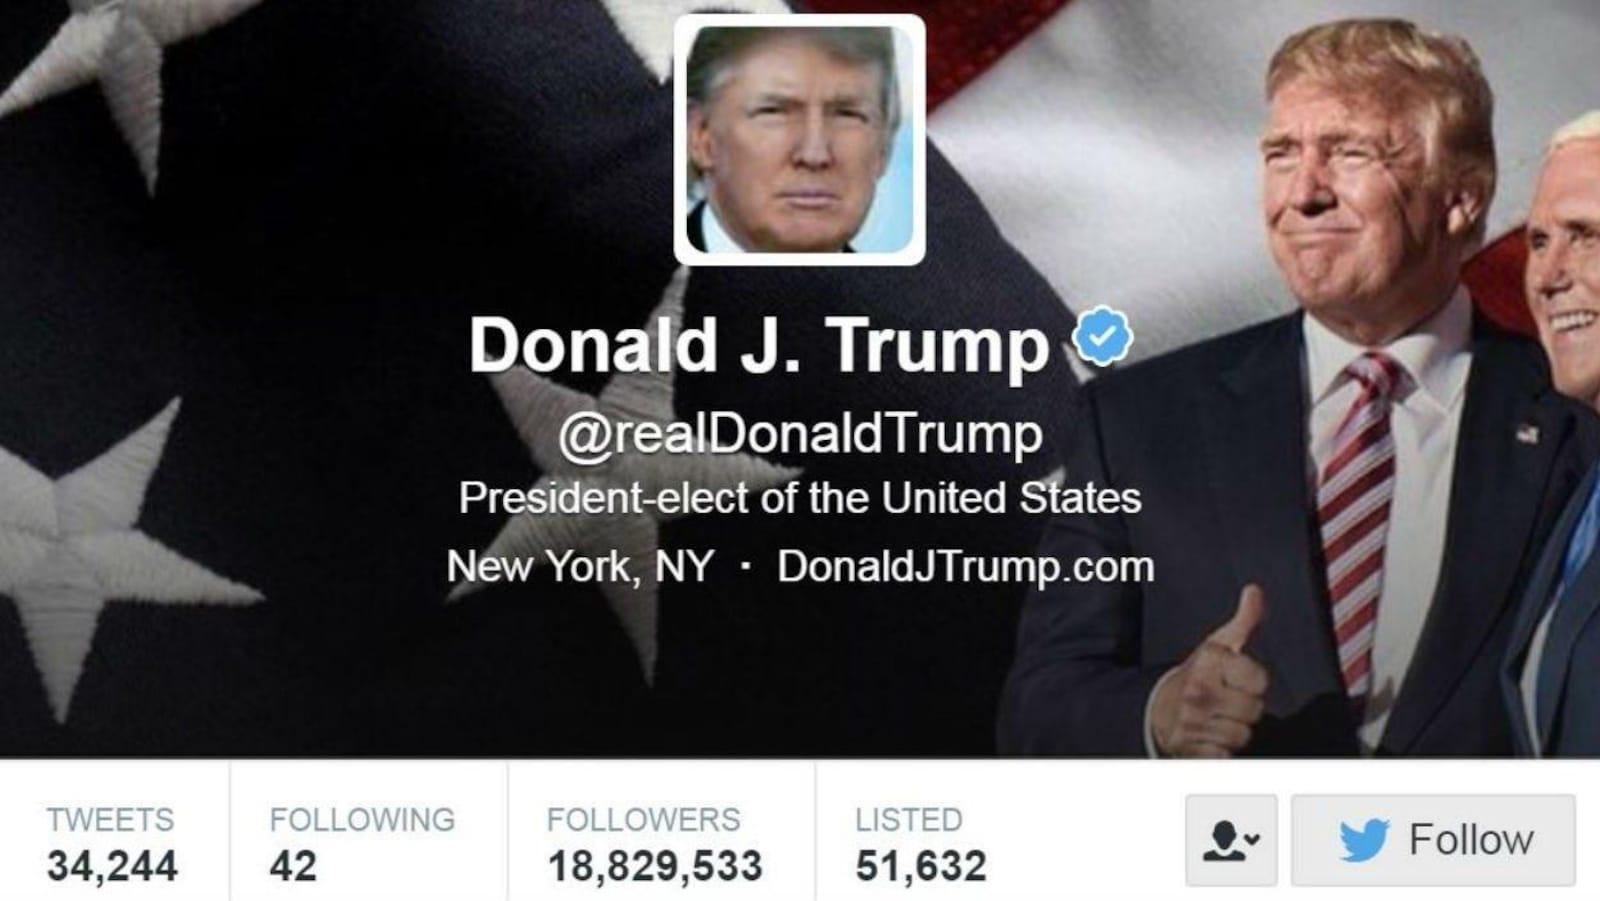 Capture d'écran de l'en-tête du compte Twitter du président des États-Unis Donald Trump, le matin du 6 janvier 2017 © Twitter